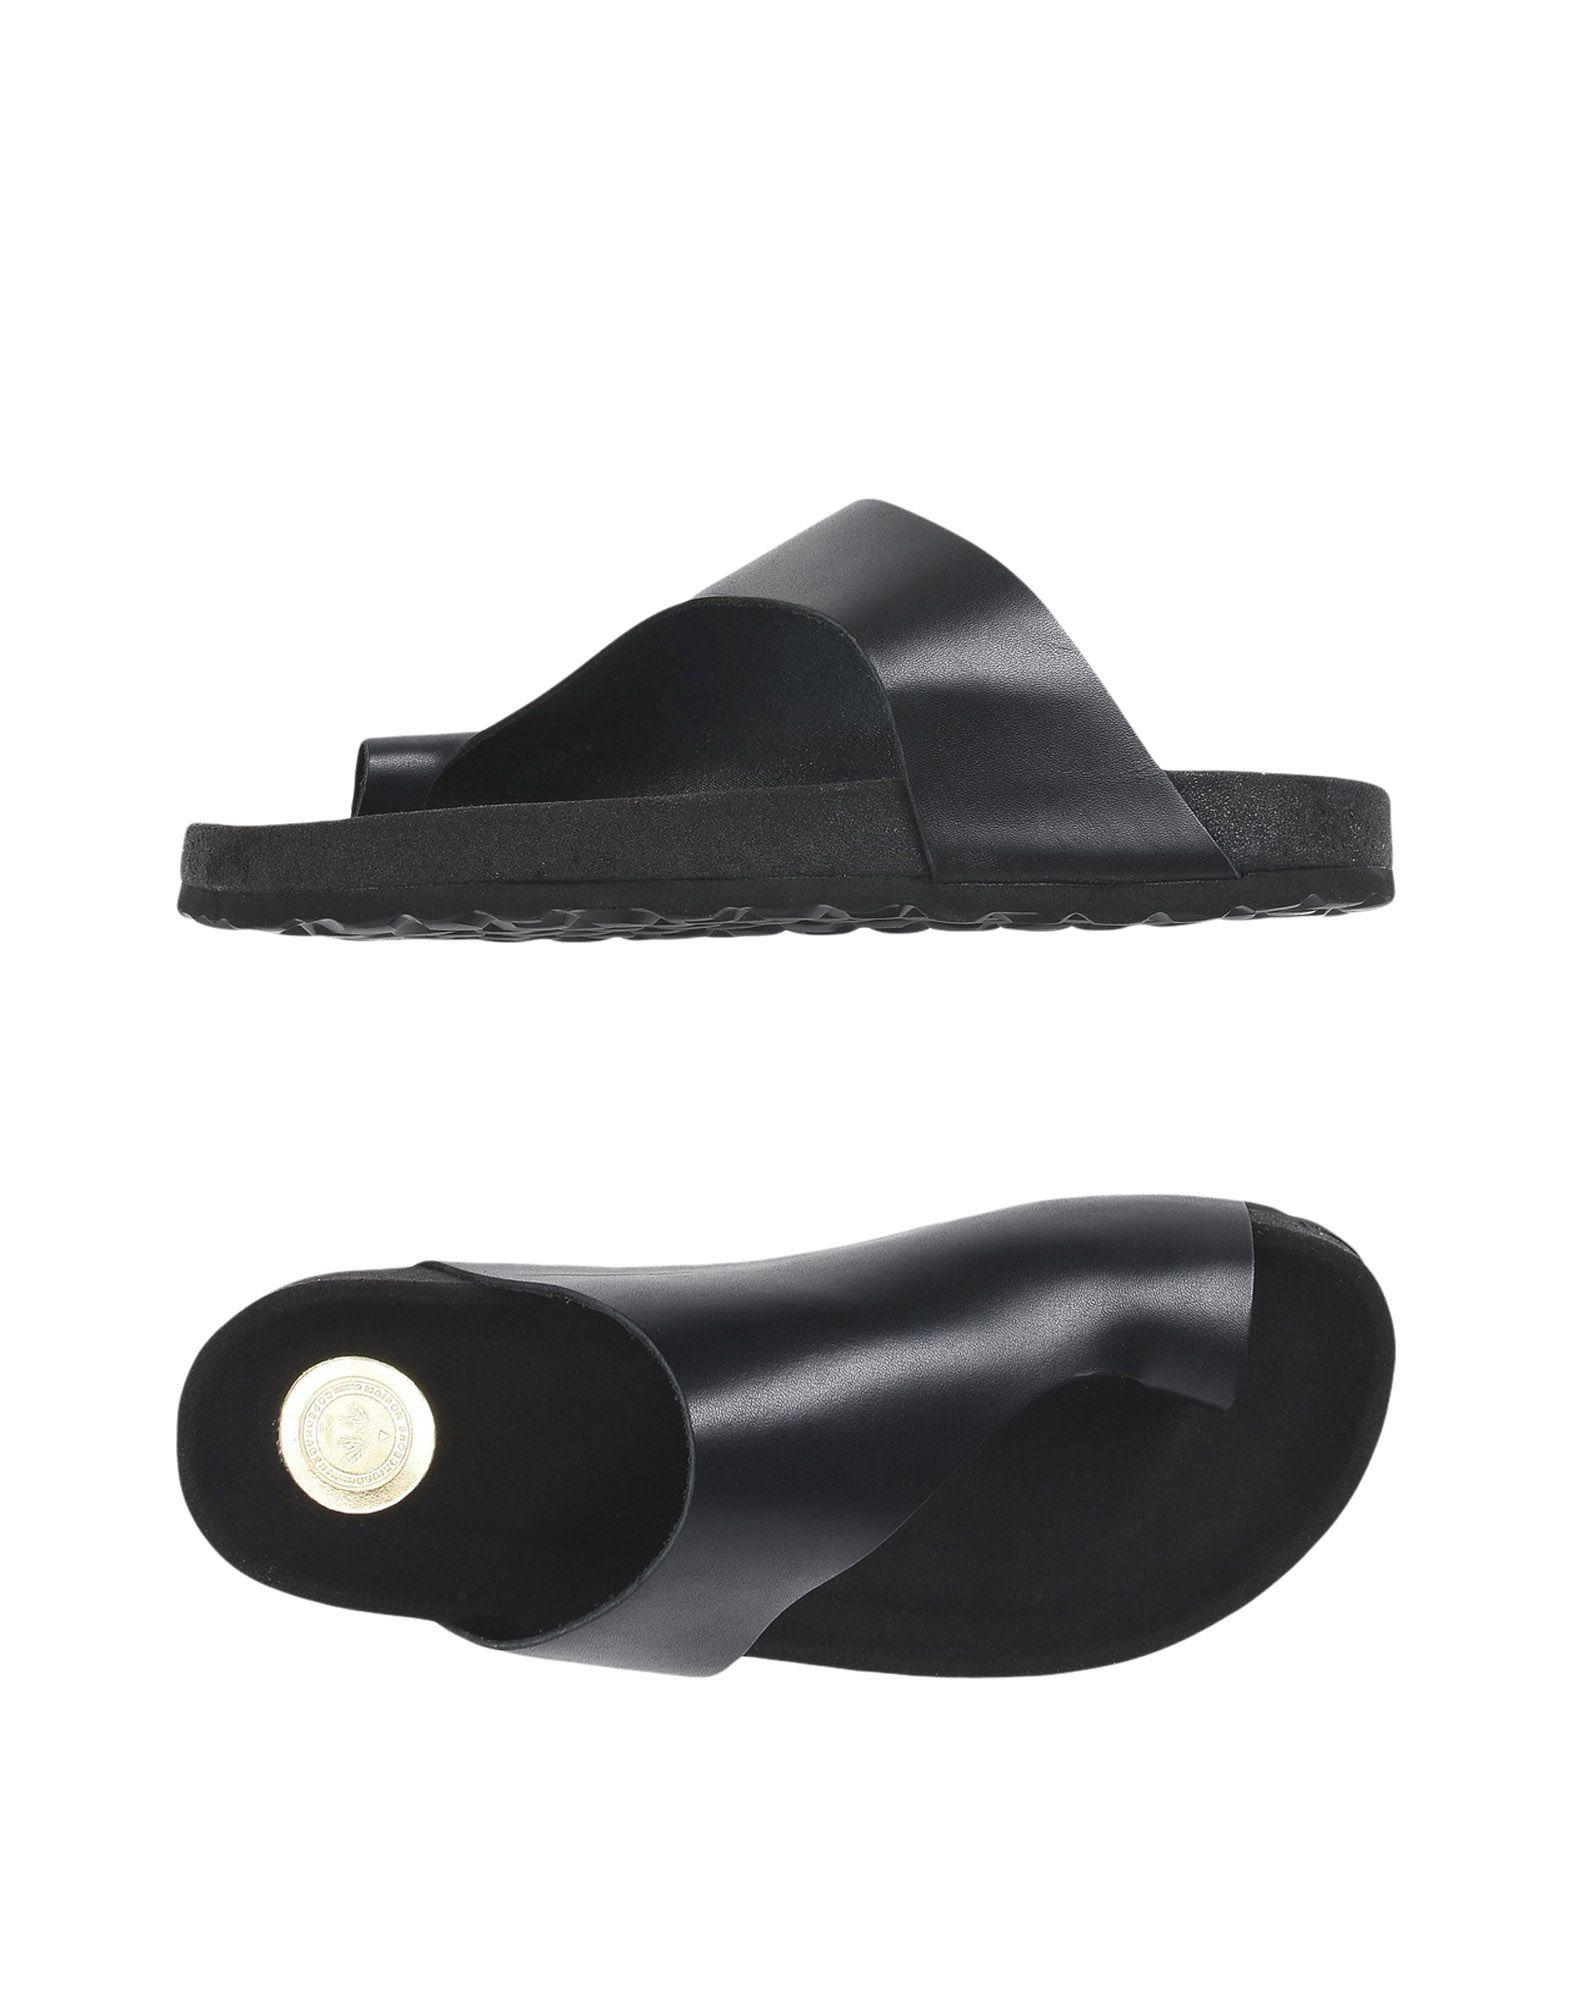 Sandales Maison Shoeshibar Aki - Femme - Sandales Maison Shoeshibar sur